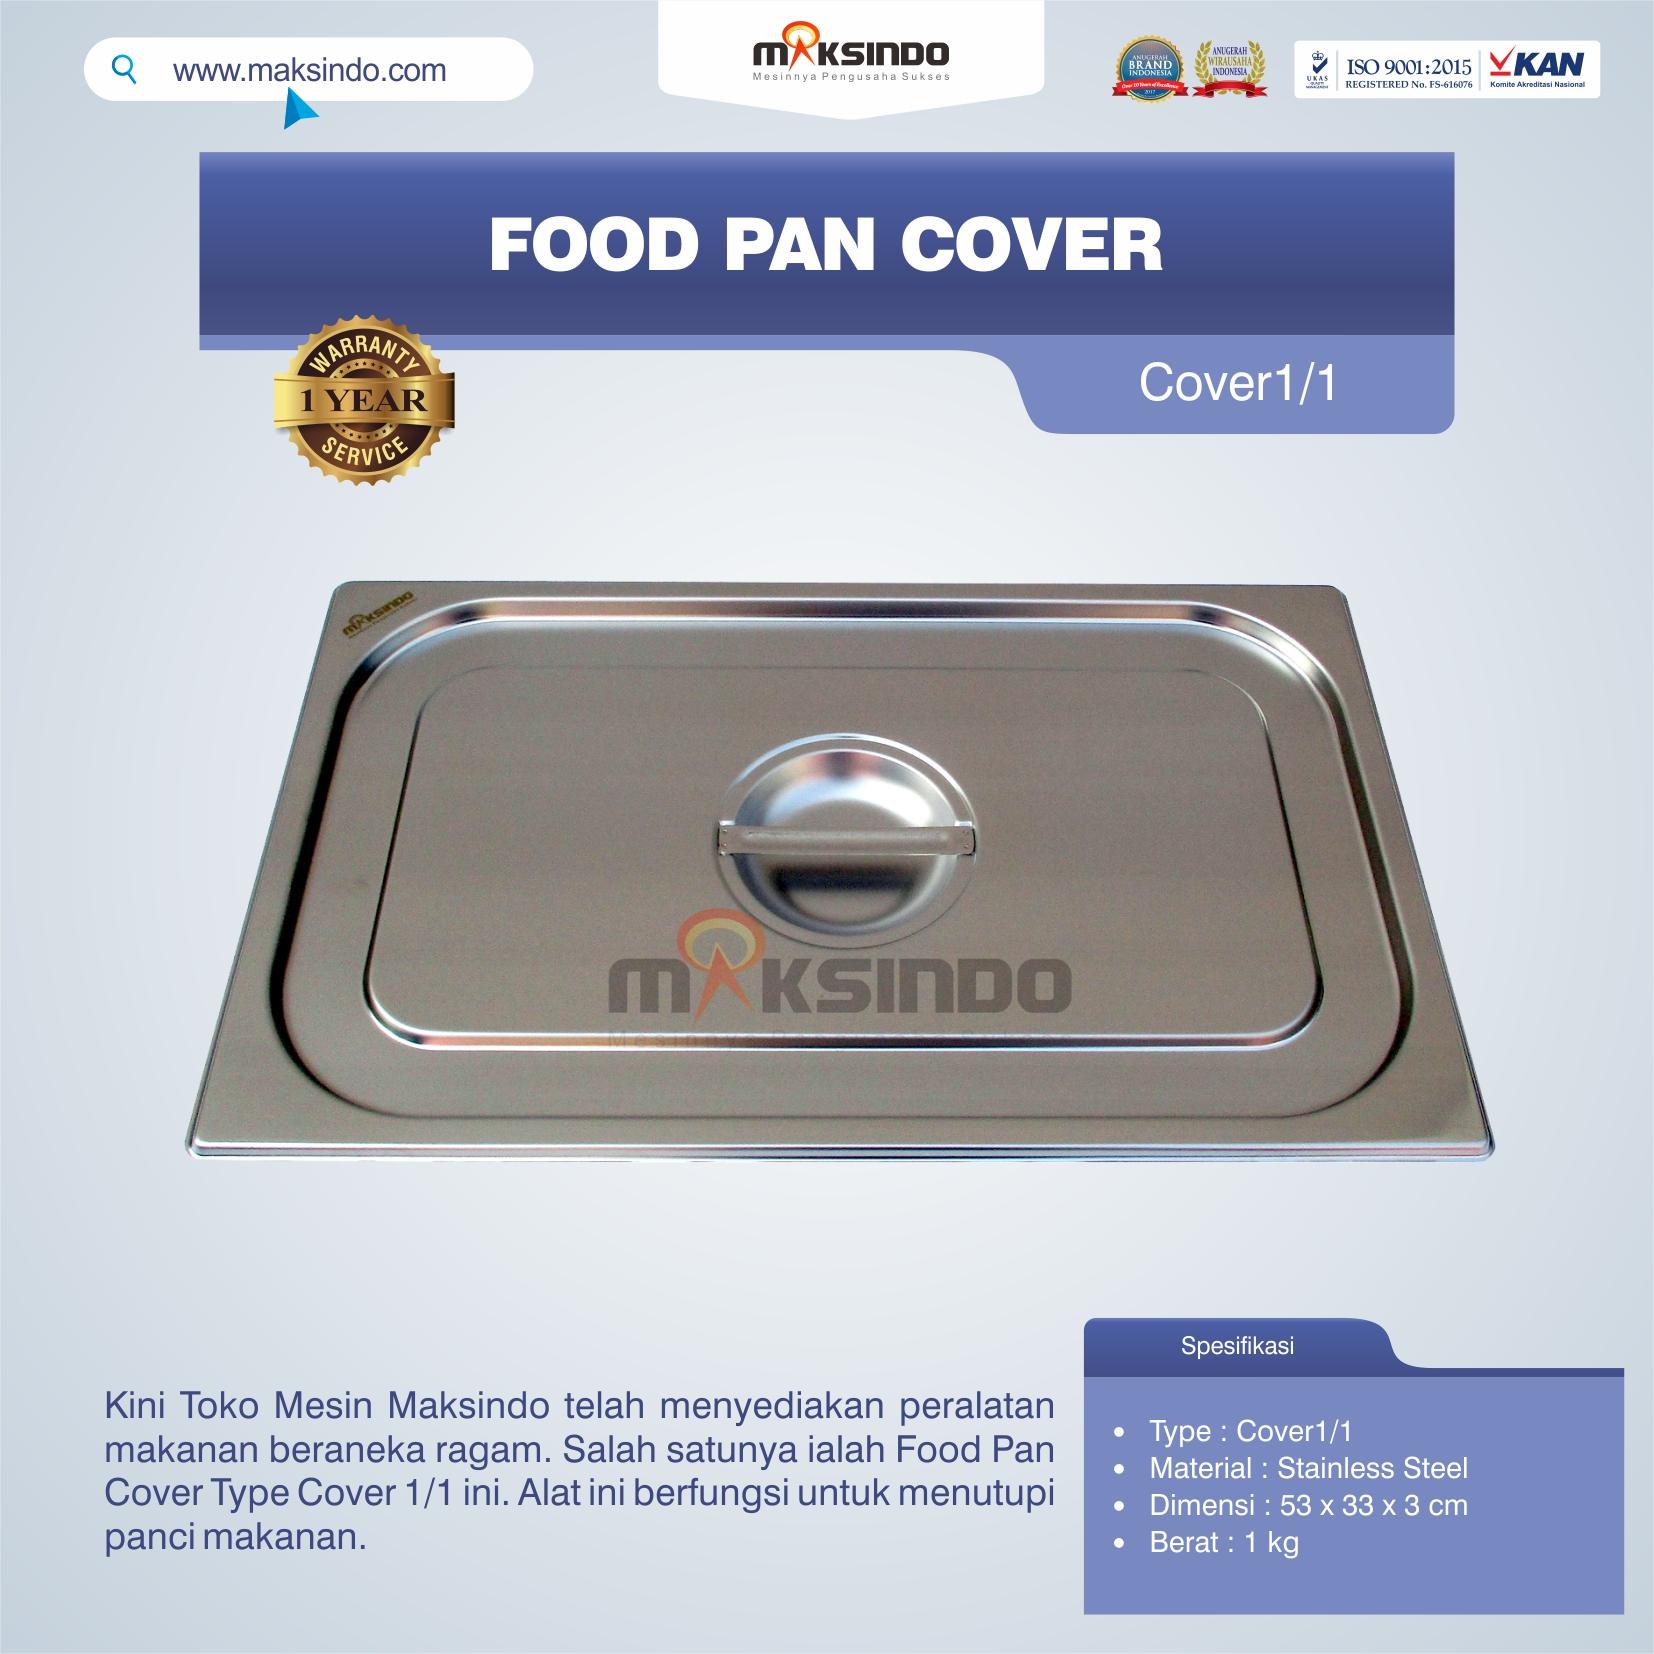 Jual Food Pan Cover Type Cover1/1 Di Bandung